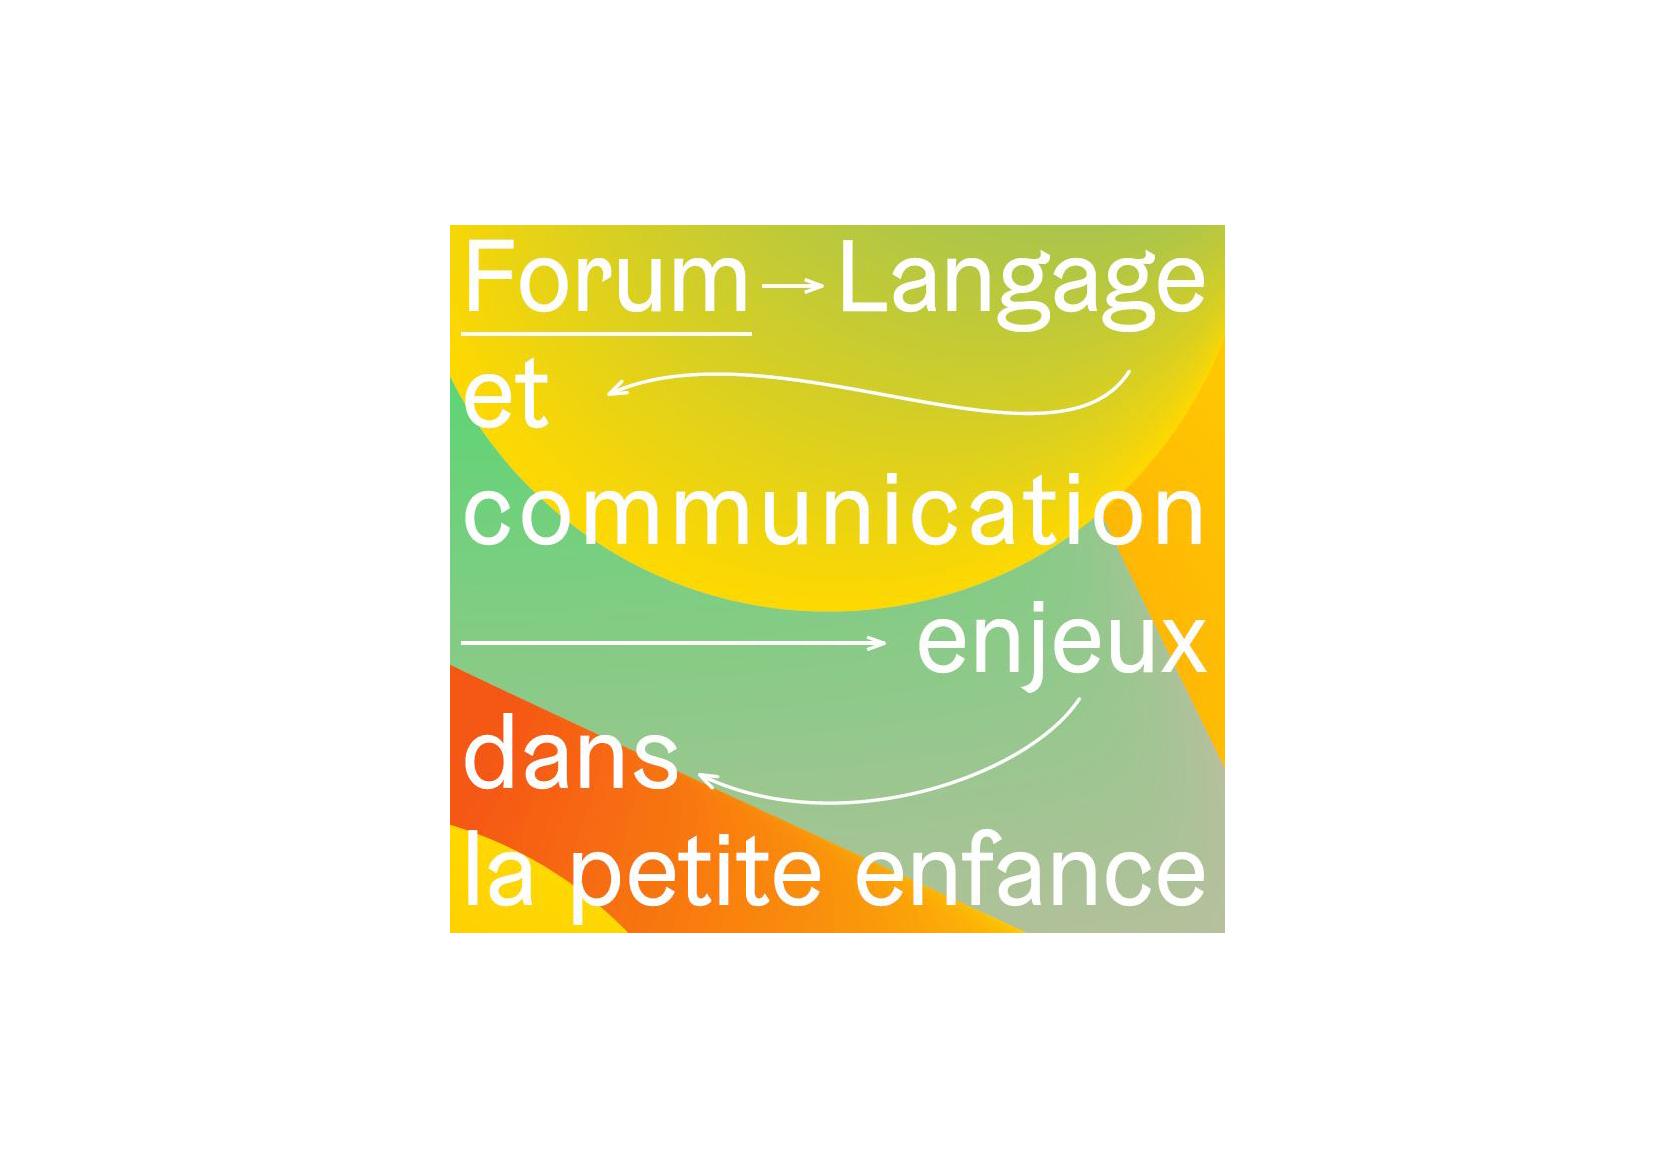 Forum - Langage et communication : enjeux dans la petite enfance